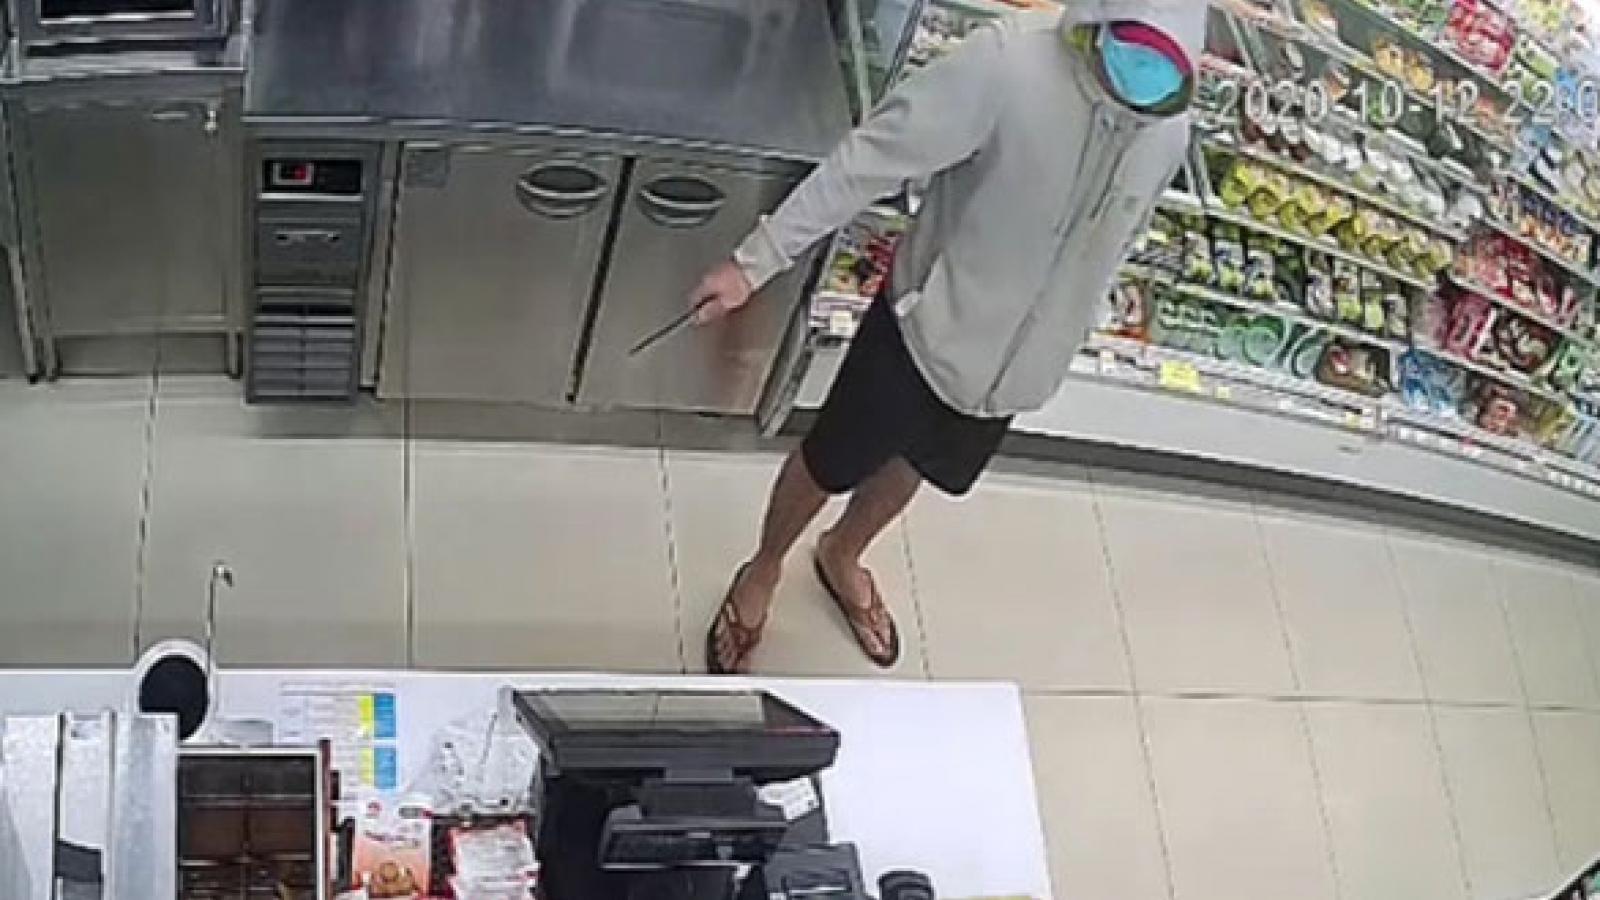 Dùng dao khống chế nhân viên cửa hàng tiện ích để cướp tiền